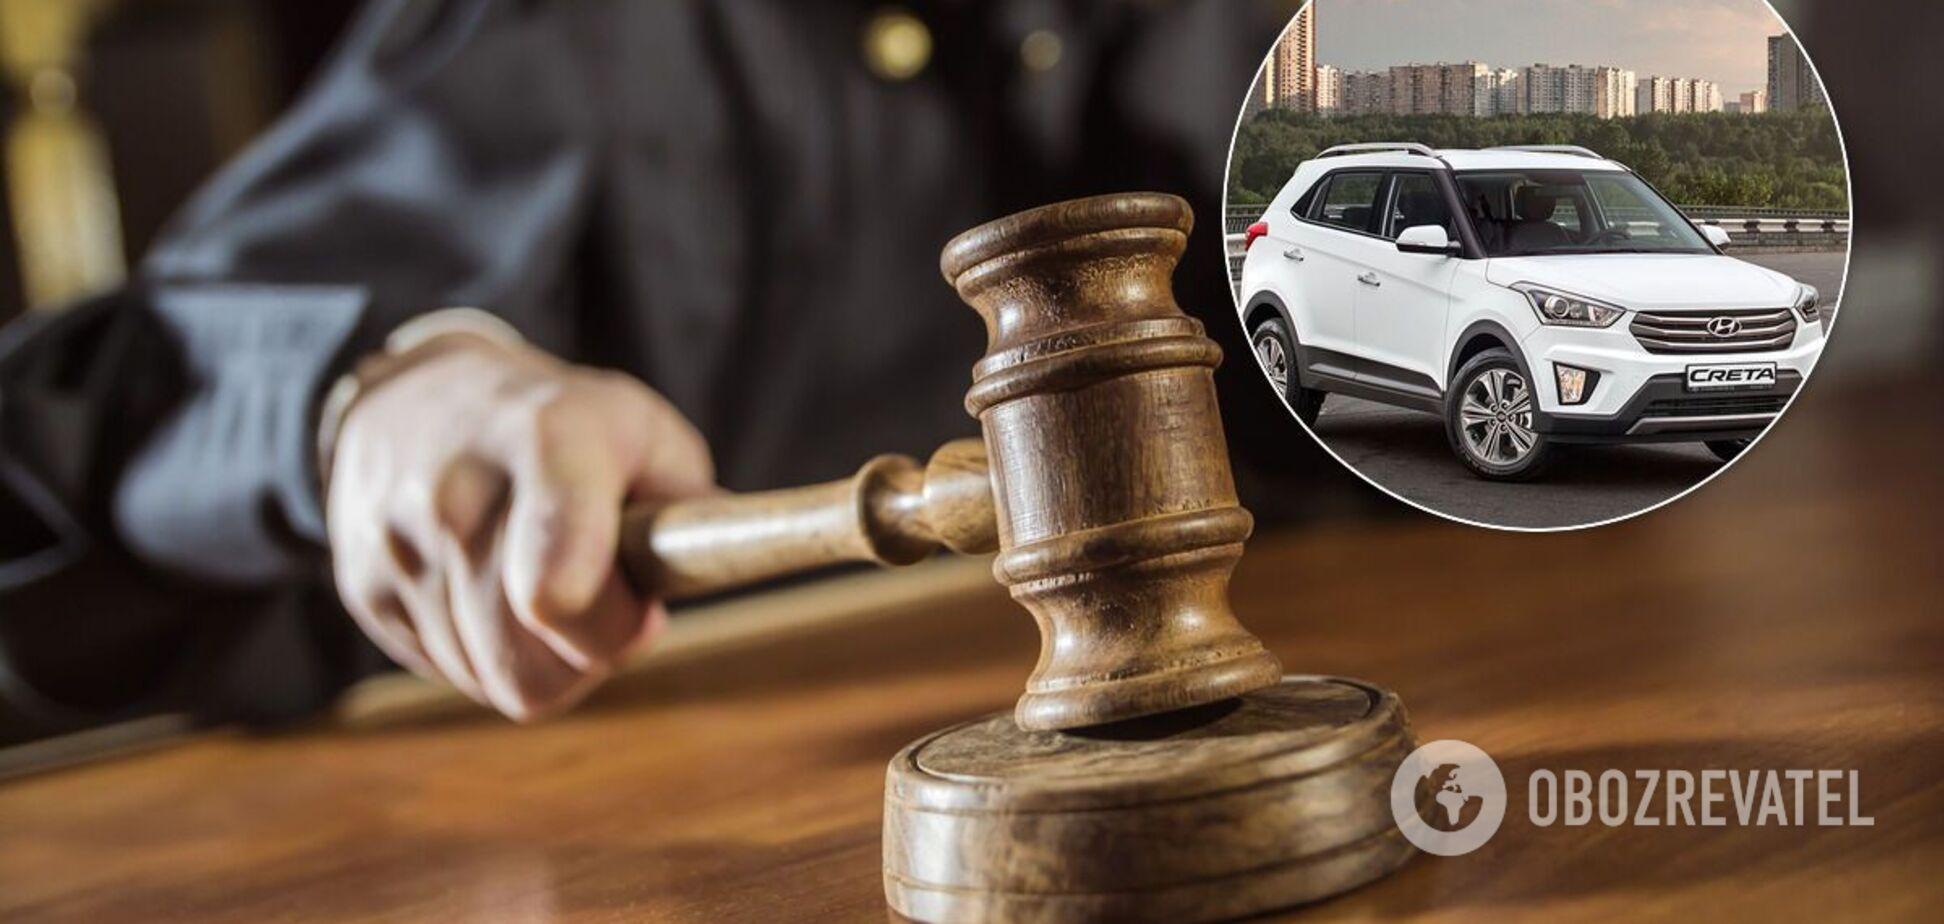 Как снова стать водителем после лишения прав: в полиции дали разъяснение